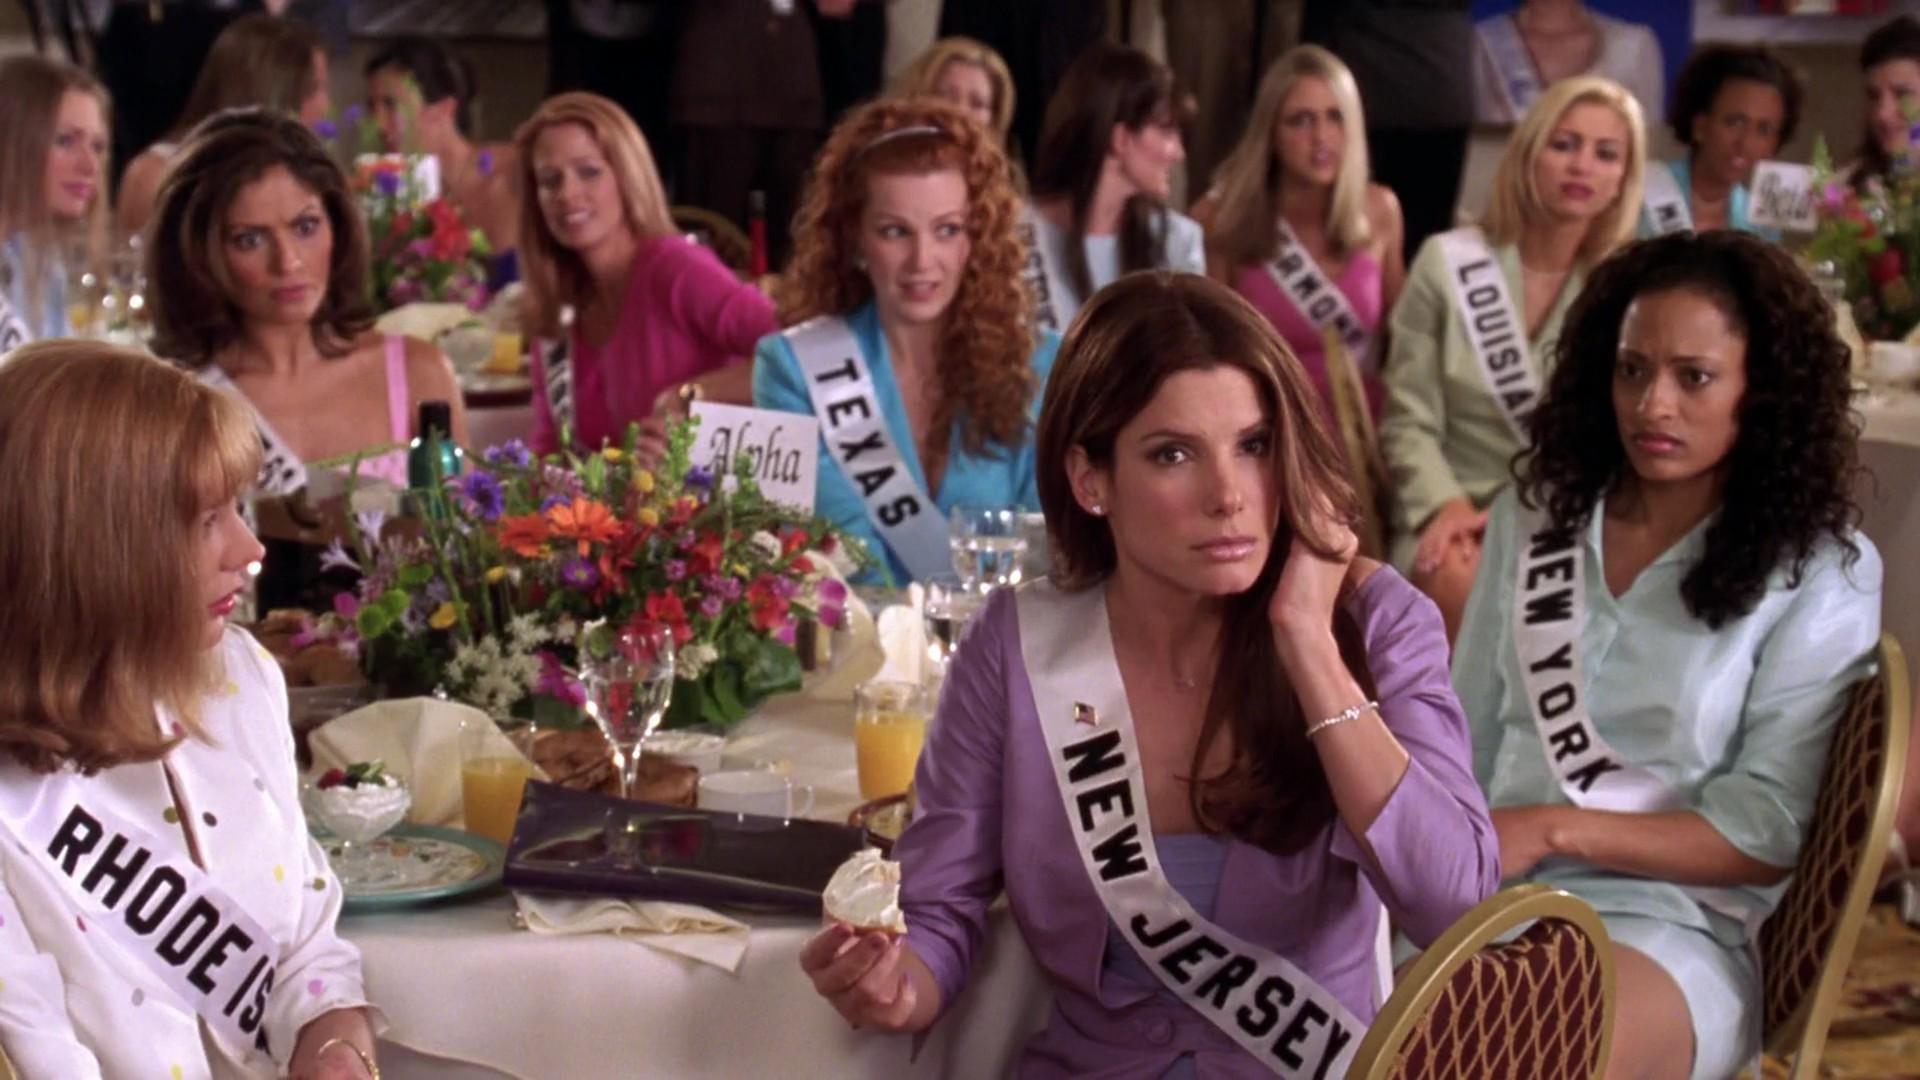 Cena do filme Miss Simpatia. Na imagem vemos uma sala com diversas mulheres sentadas em volta das mesas. As mesas possuem toalhas bege, decorações e alimentos em cima delas. Todas as mulheres possuem uma faixa que direciona o estado que representa na competição. Todas elas estão olhando perplexas para Sandra Bullock, uma mulher jovem branca e com cabelo liso médio castanho. Ela veste um terno lilás e usa uma faixa escrito New Jersey.